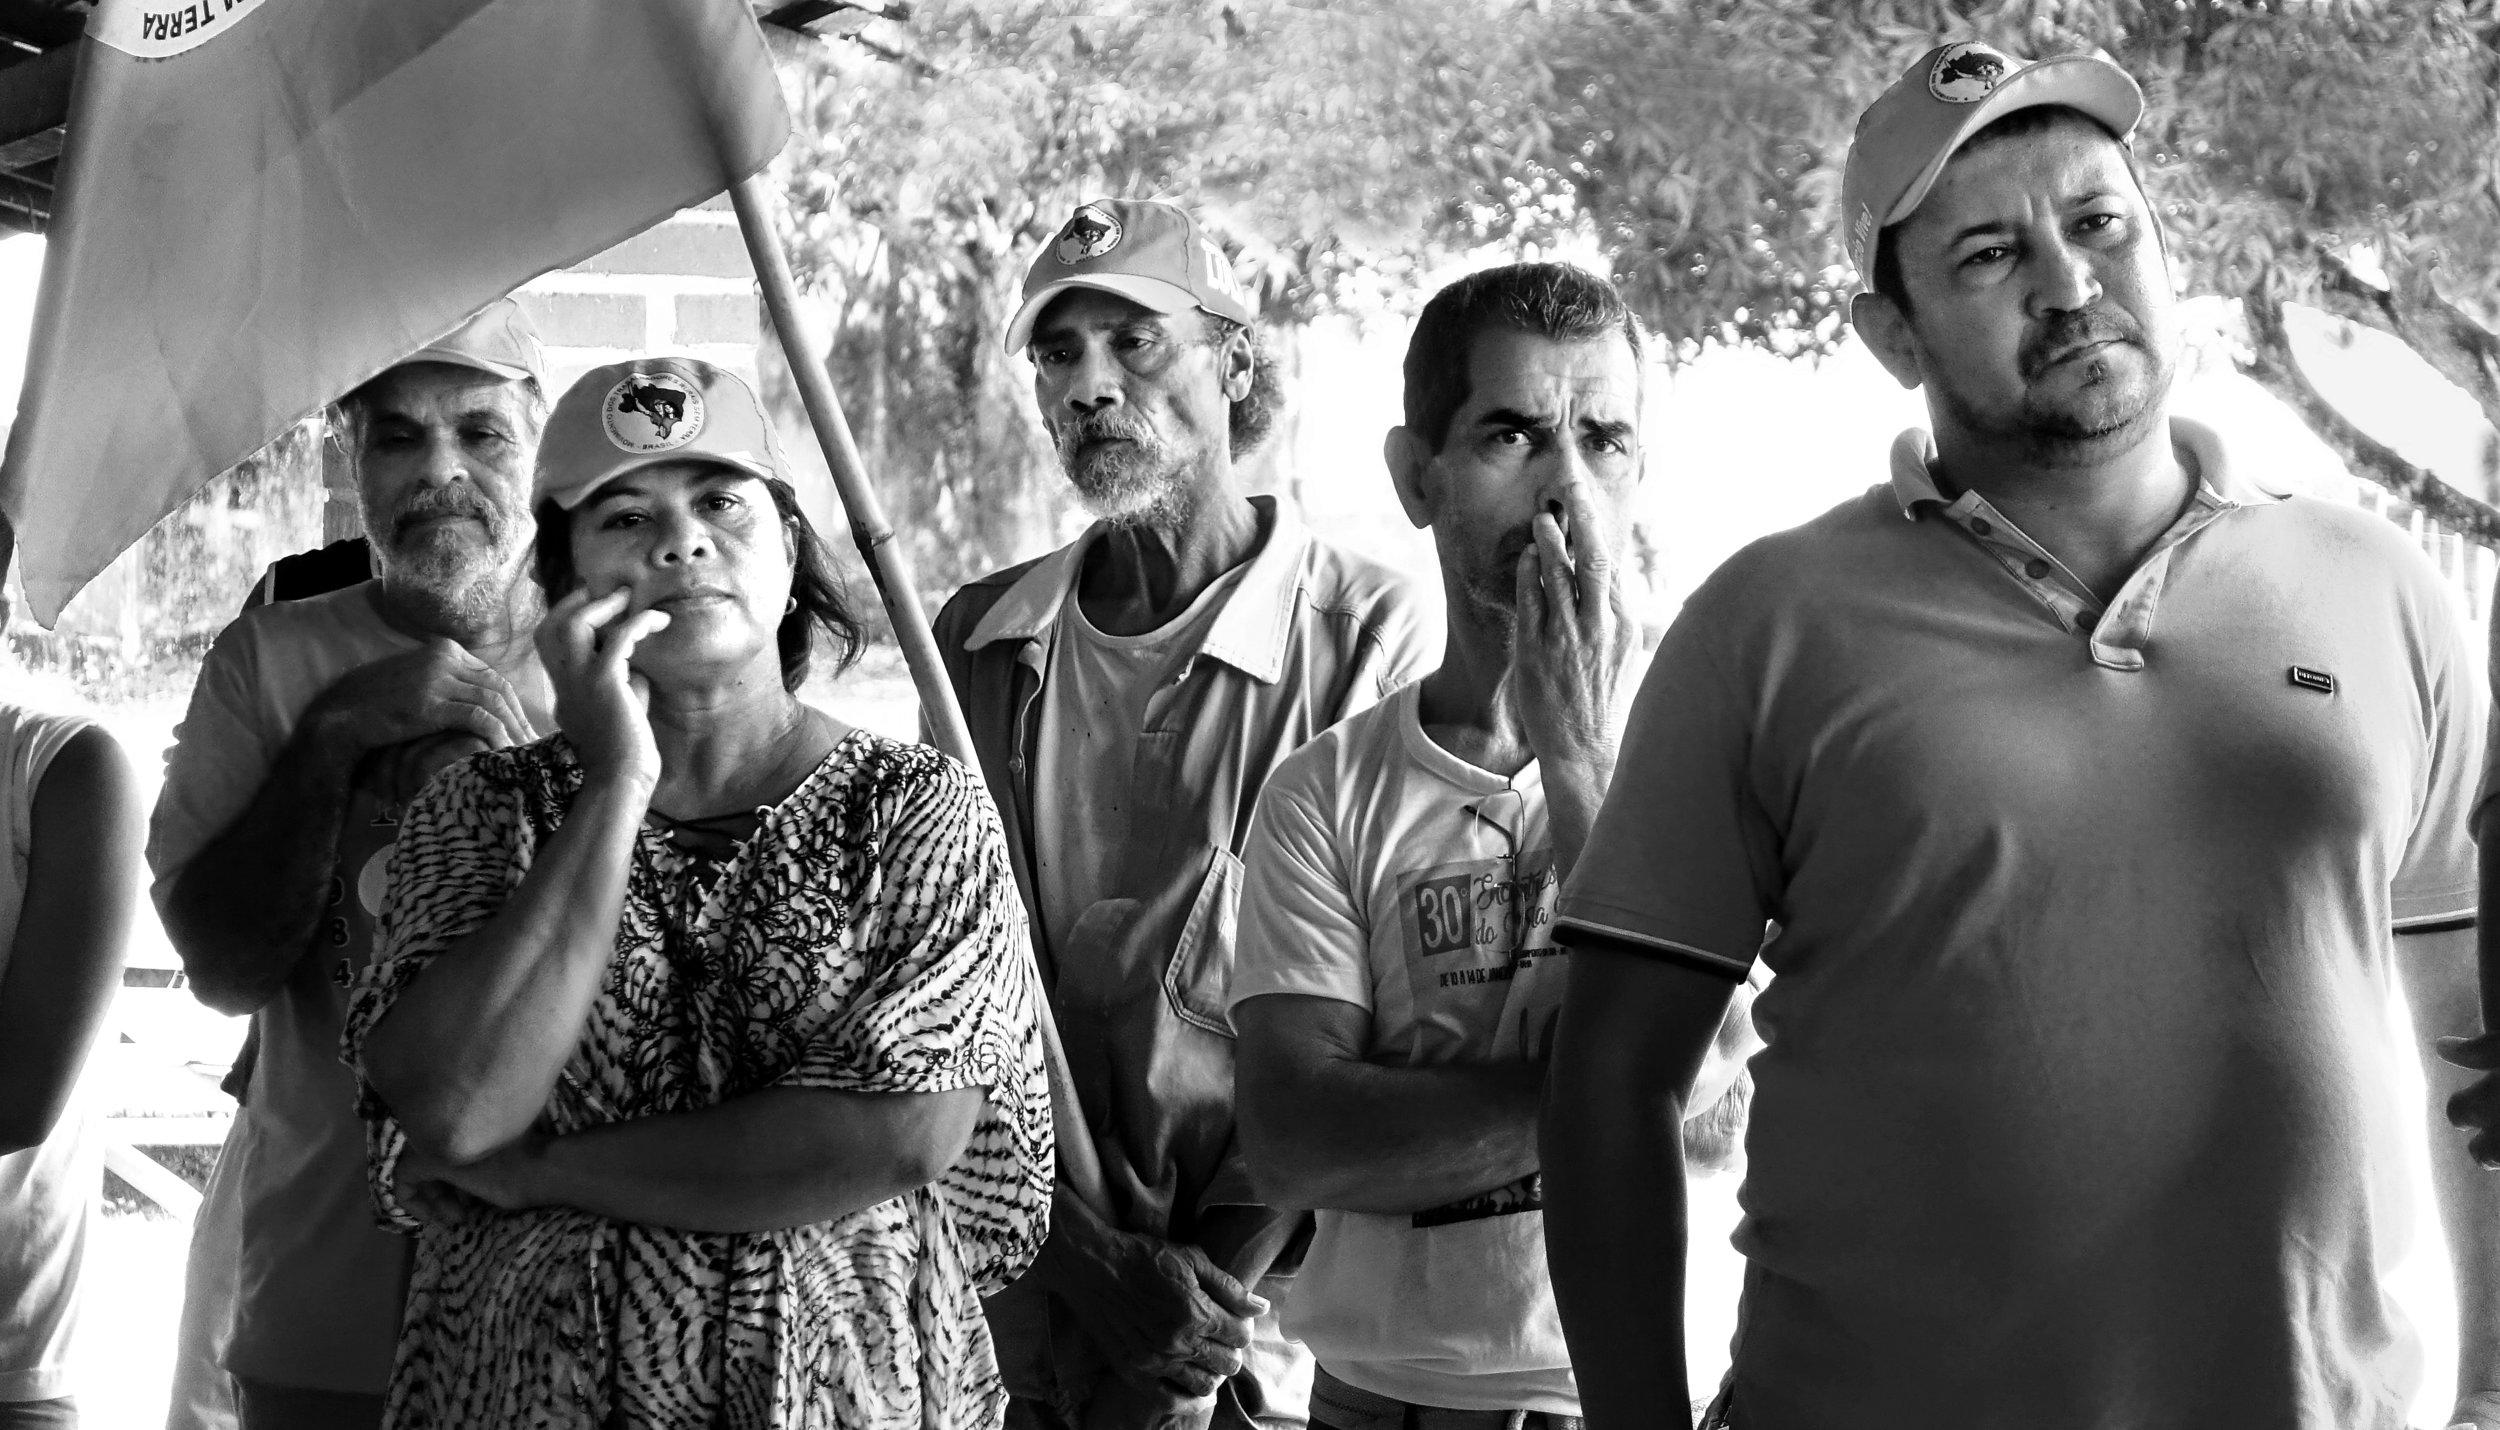 «Die Frauen und Männer, die kämpfen und ihren Traum von Gerechtigkeit verfolgen, werden gewinnen.» MST, Brasilien